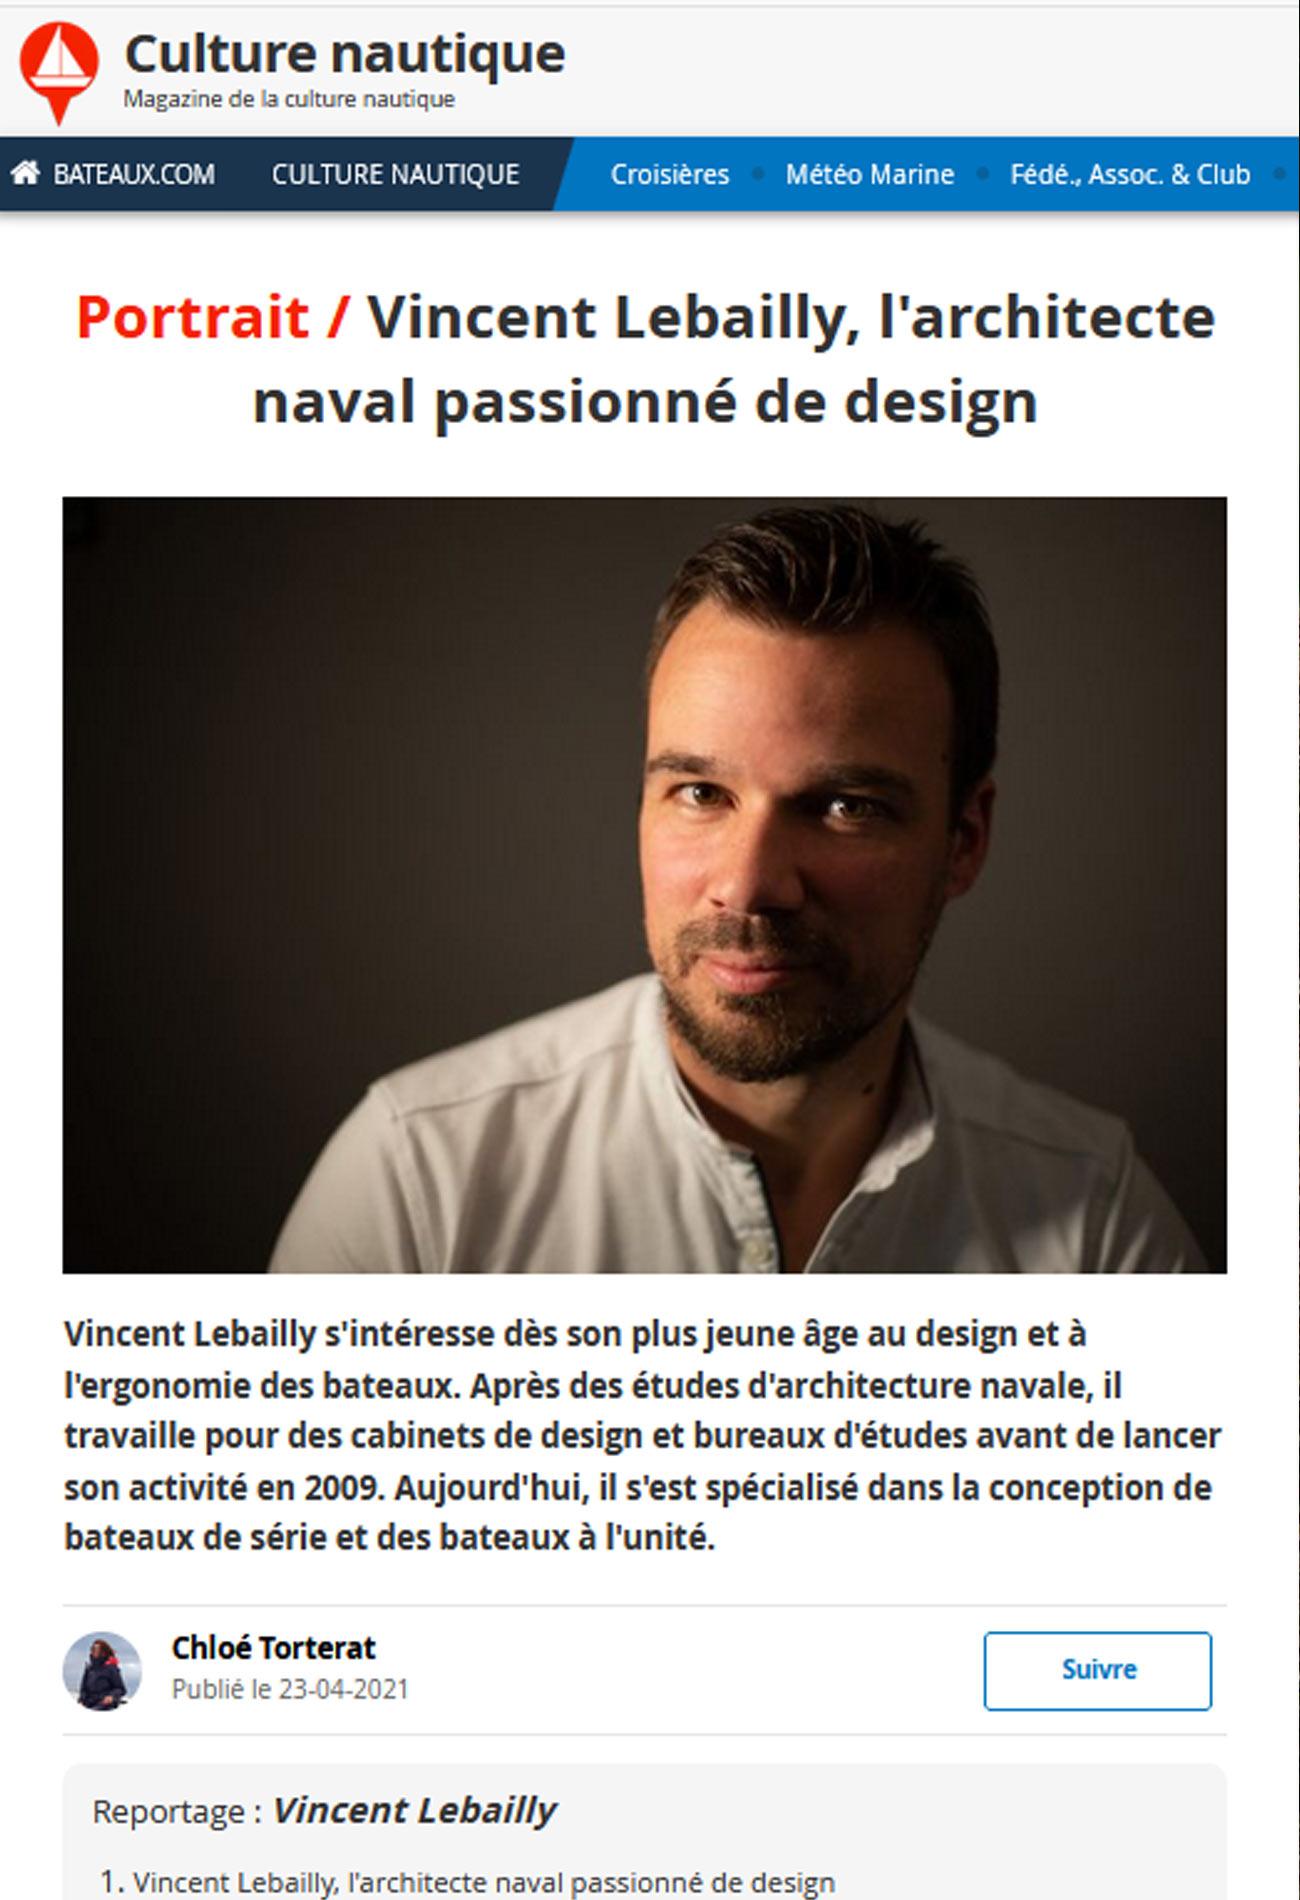 Vincent-Lebailly-Portrait-darchitecte-Bateaux.com